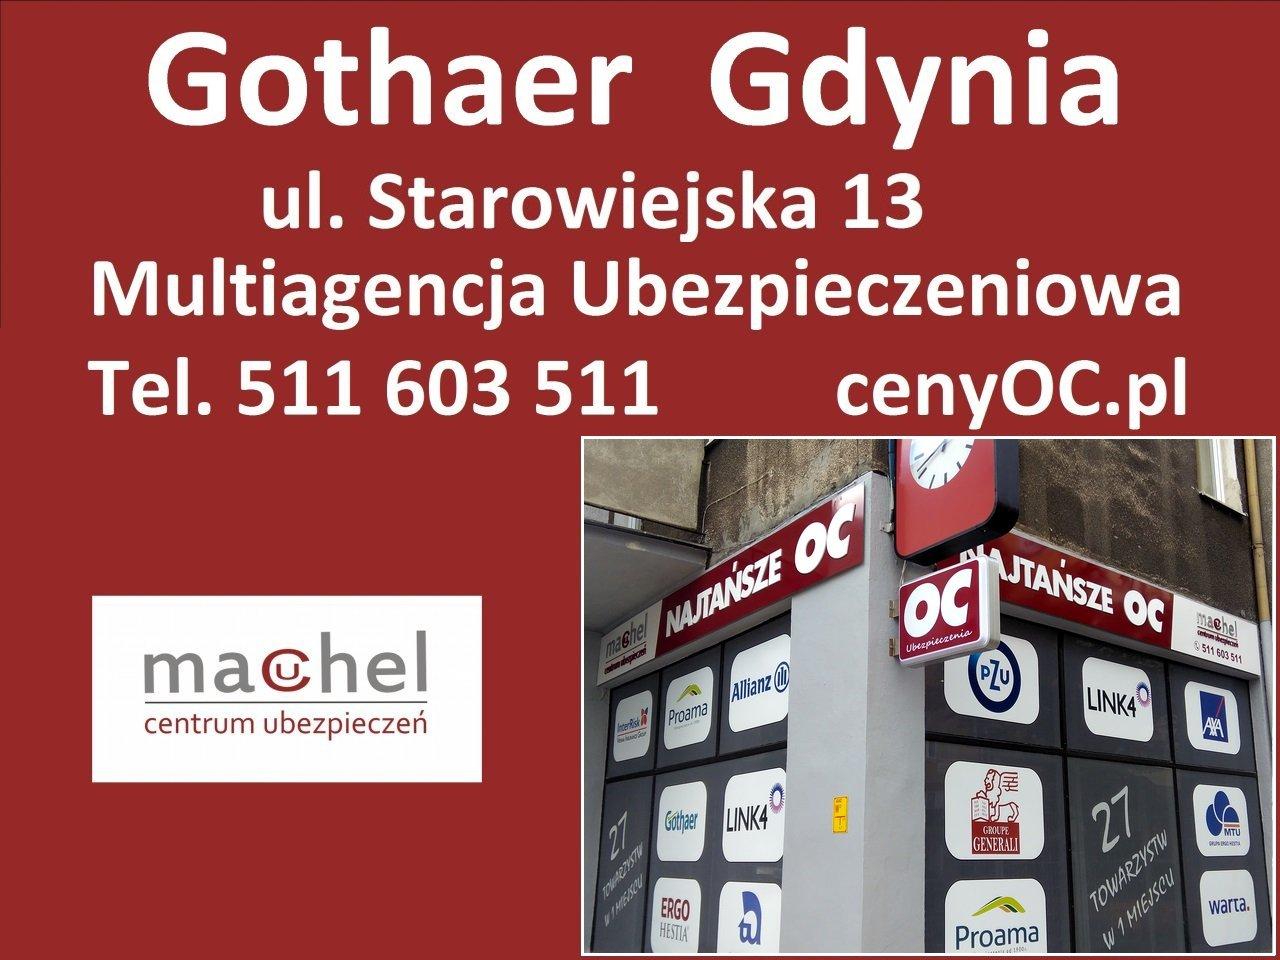 Gothaer Gdynia Starowiejska 13